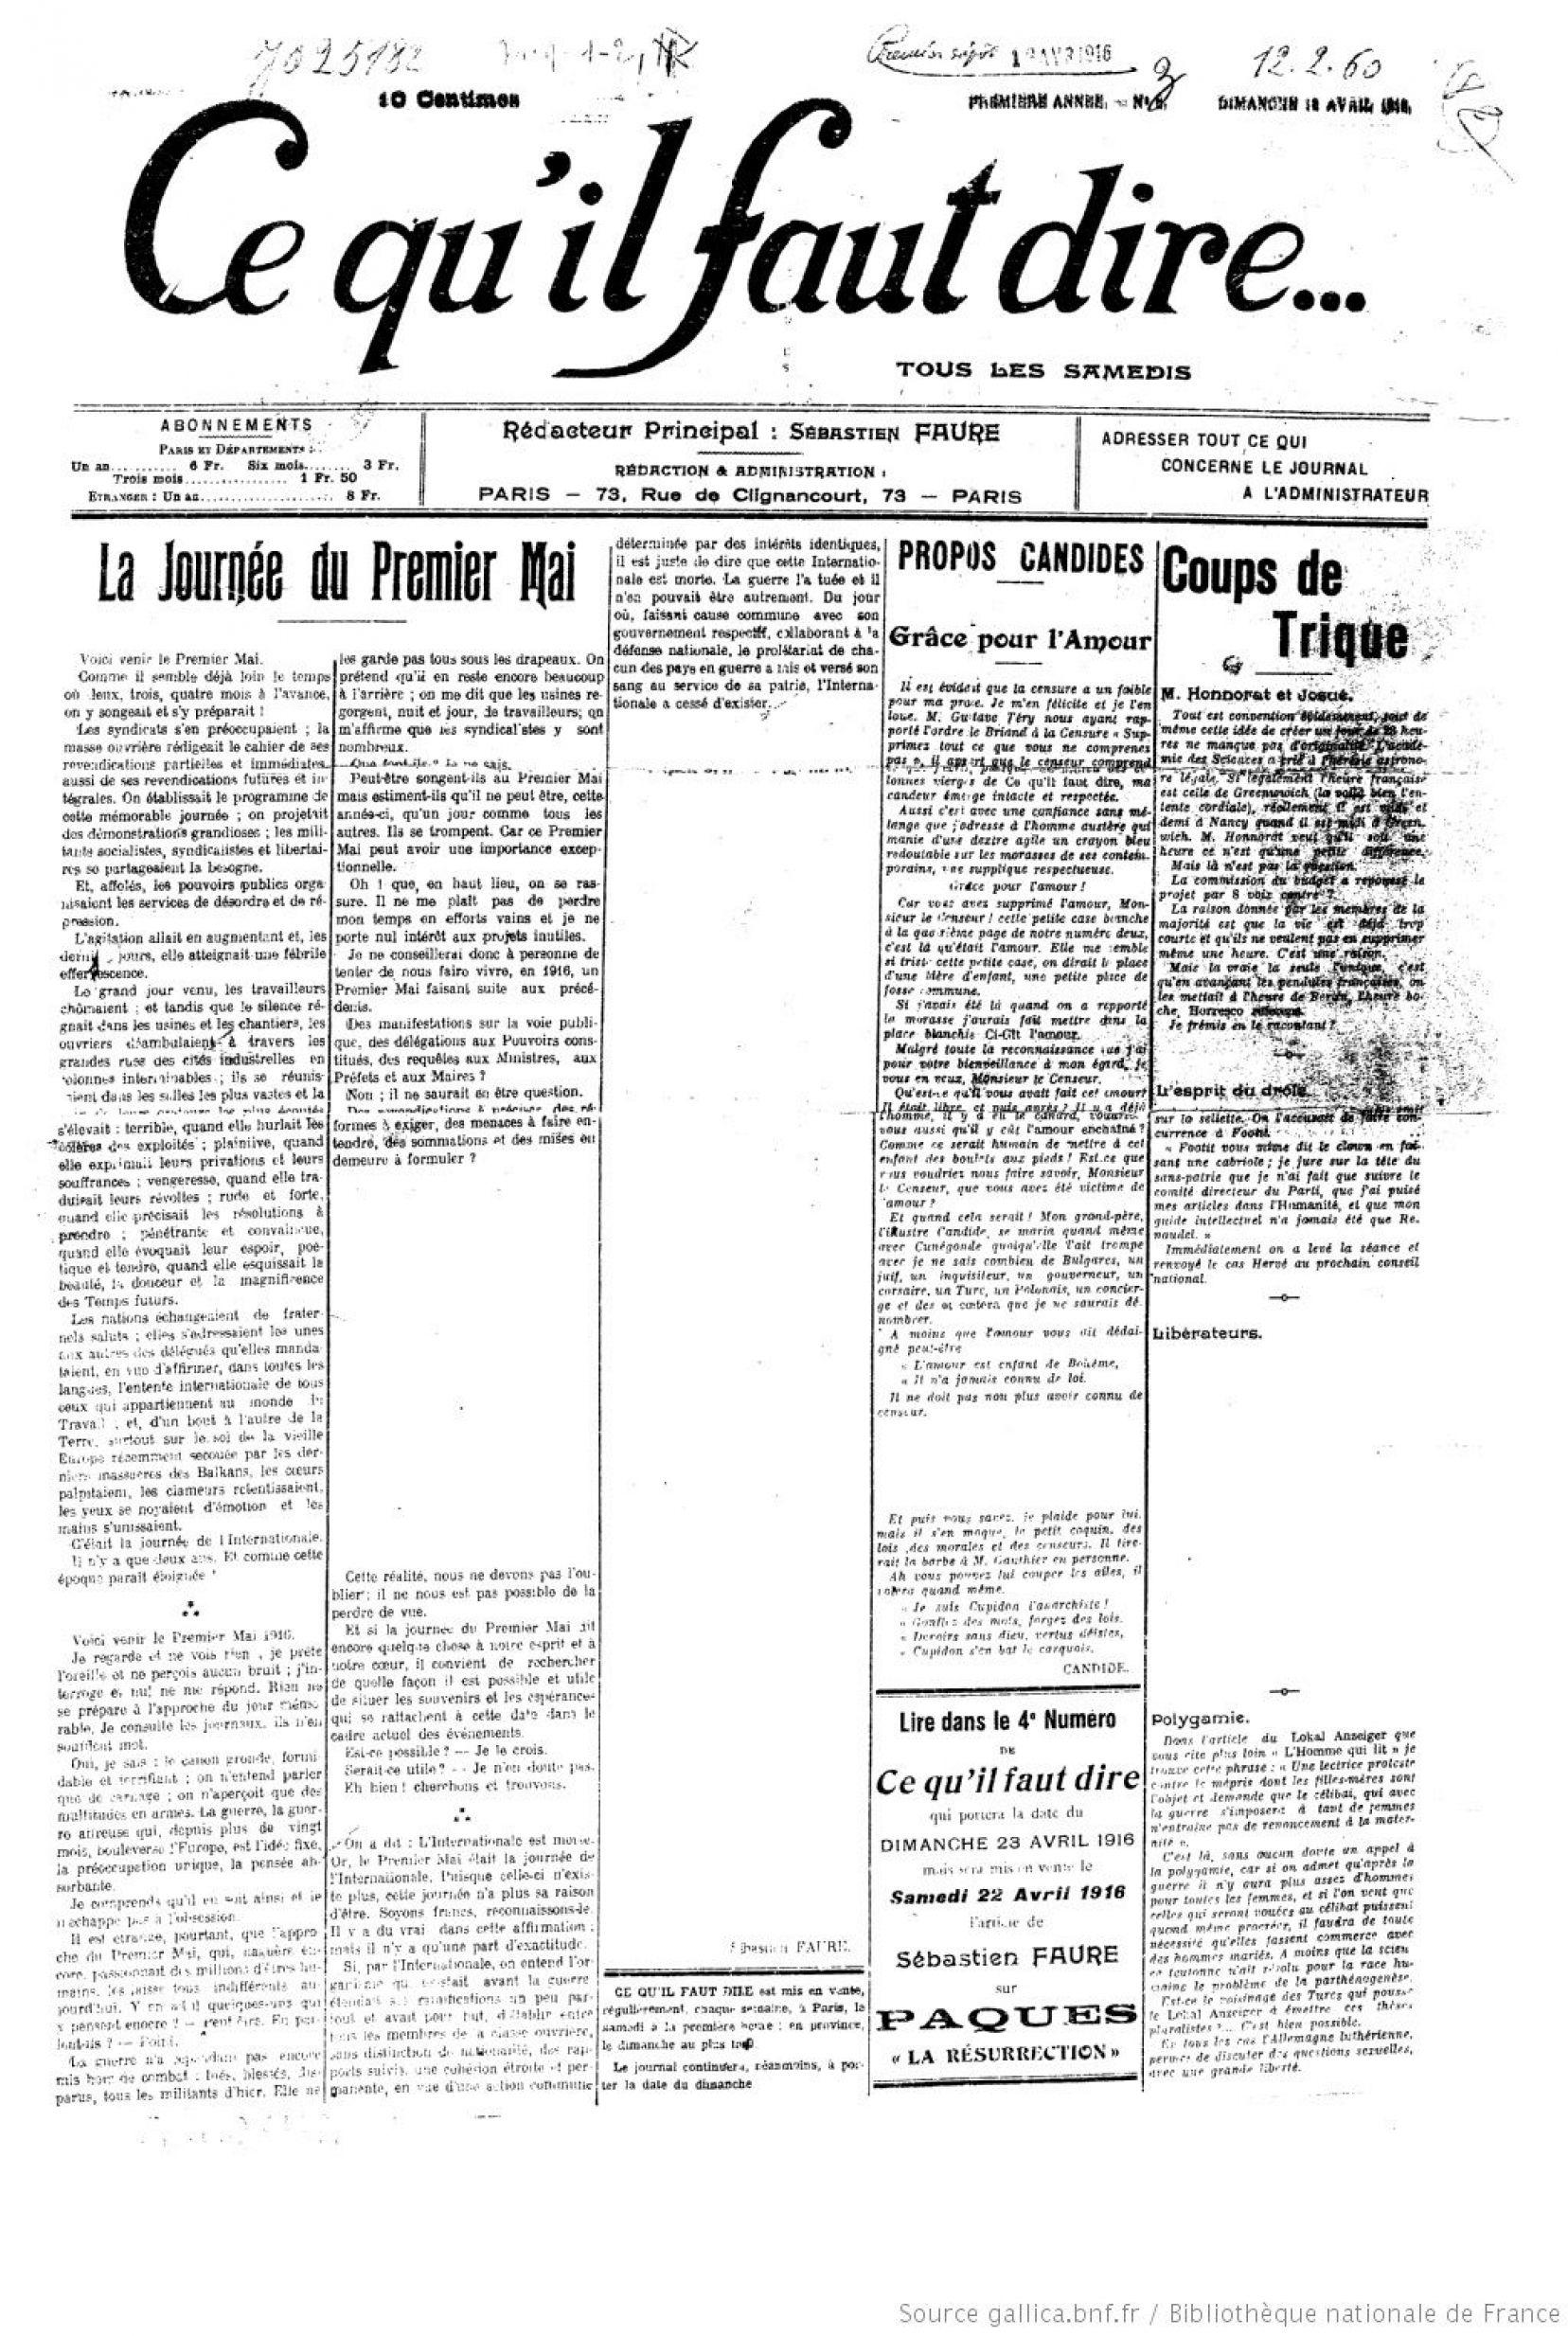 """Censure dans le journal anarchiste """"Ce qu'il faut dire"""" du 18 avril 1916"""